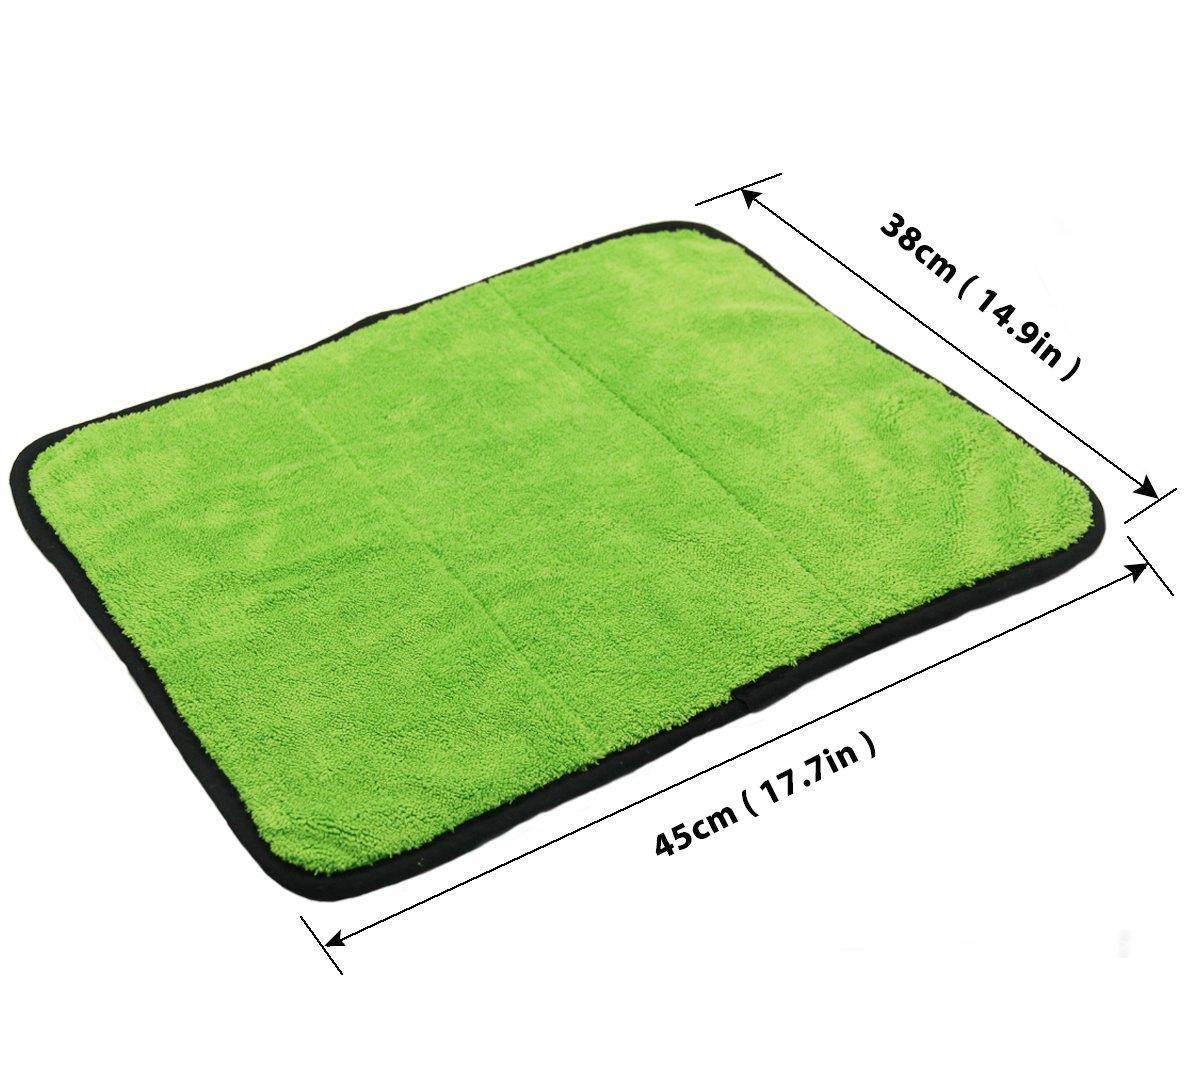 phetium 840/GSM Ultra Thick qualit/é voiture D/étail lierung Serviettes polir et chiffon de s/échage Lot de 3 38/x 45/en microfibre Lingettes de nettoyage voiture